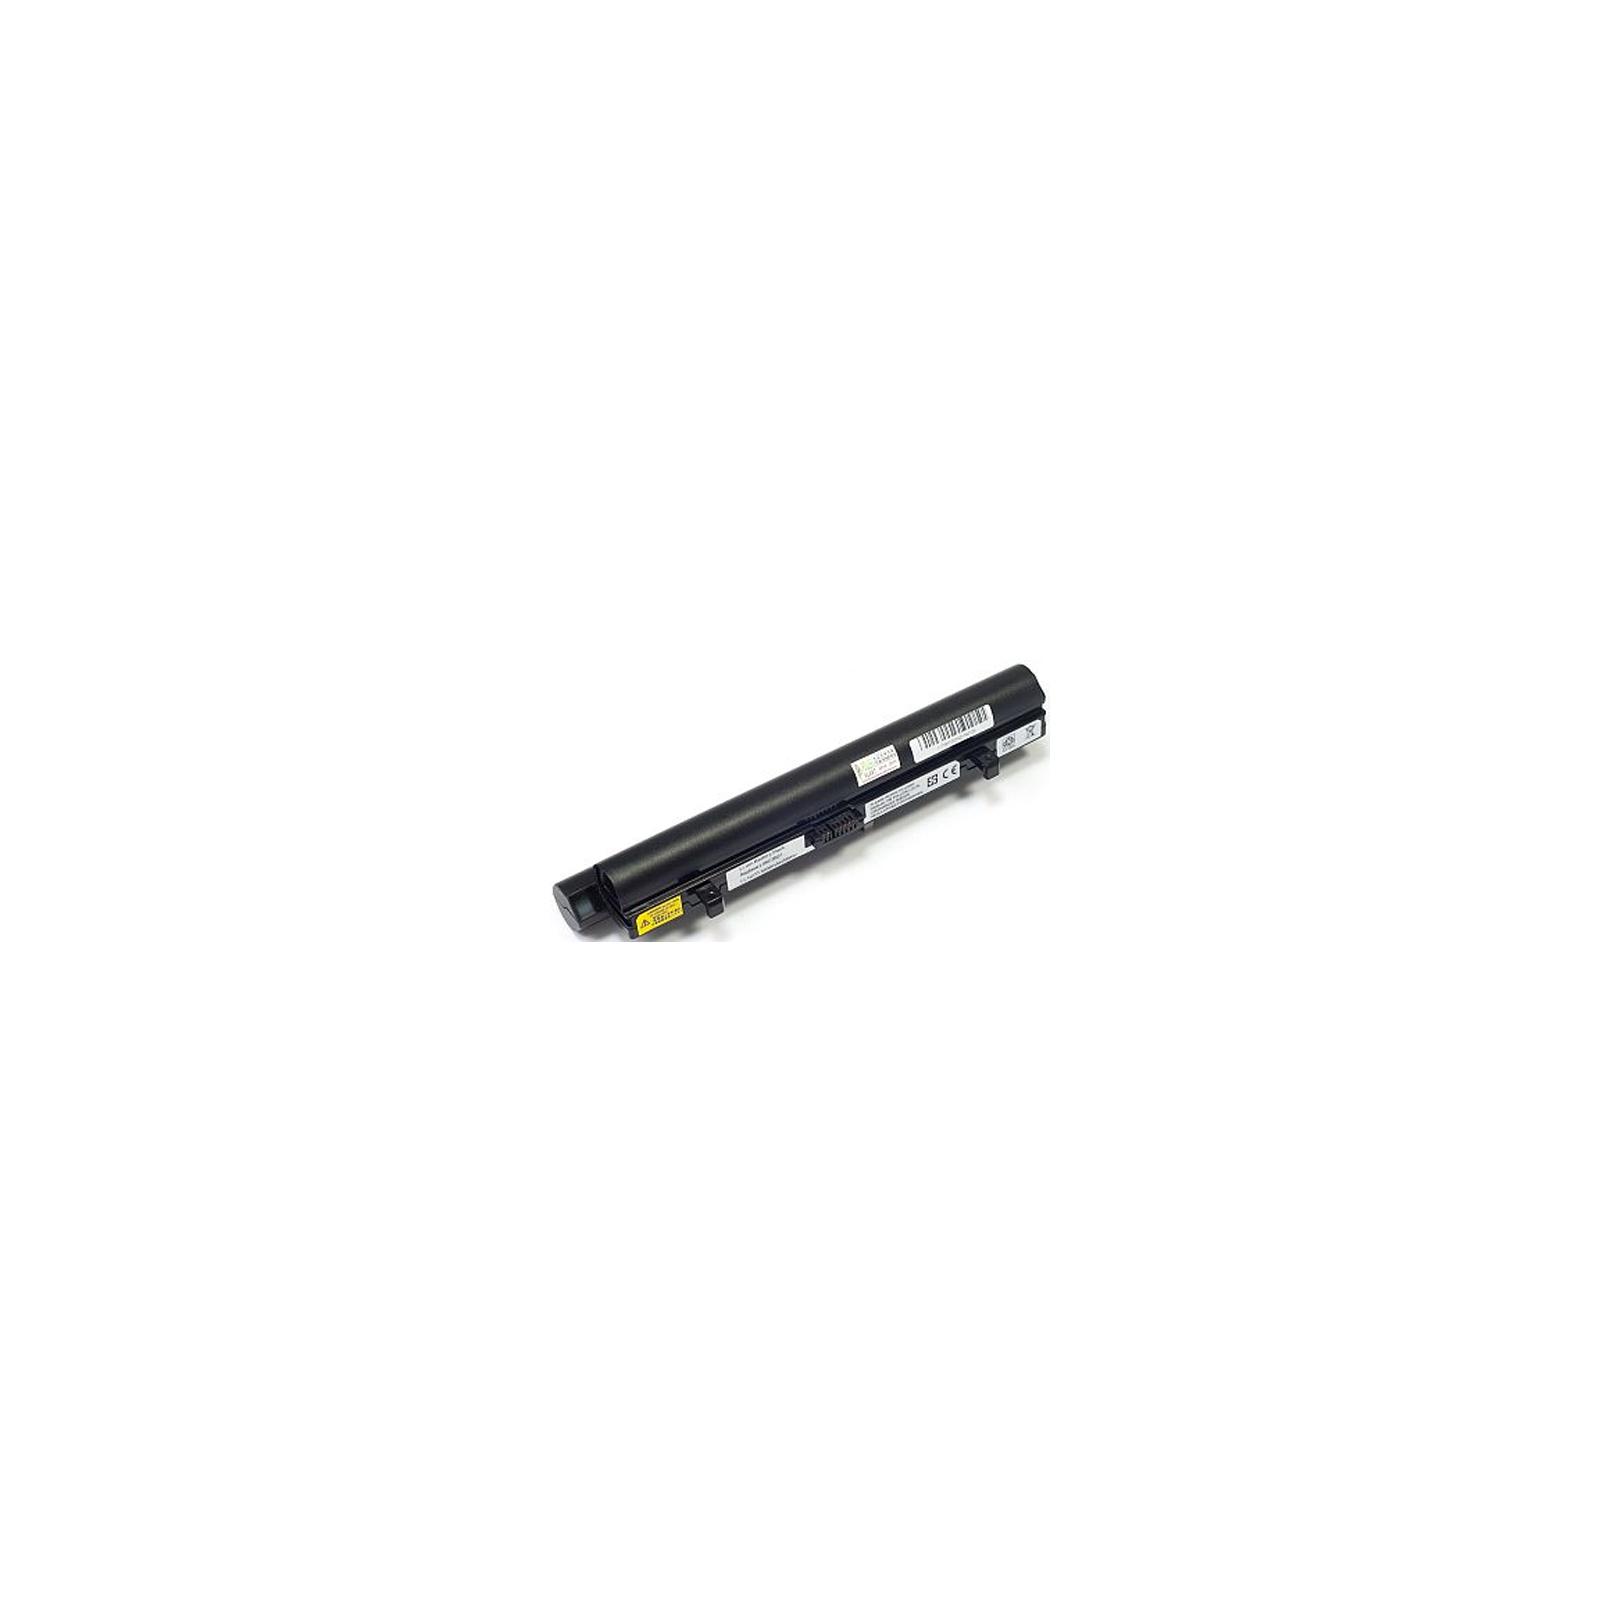 Аккумулятор для ноутбука LENOVO S10 (L08C3B21, LO8322LH) 11.1V 5200mAh PowerPlant (NB00000131)